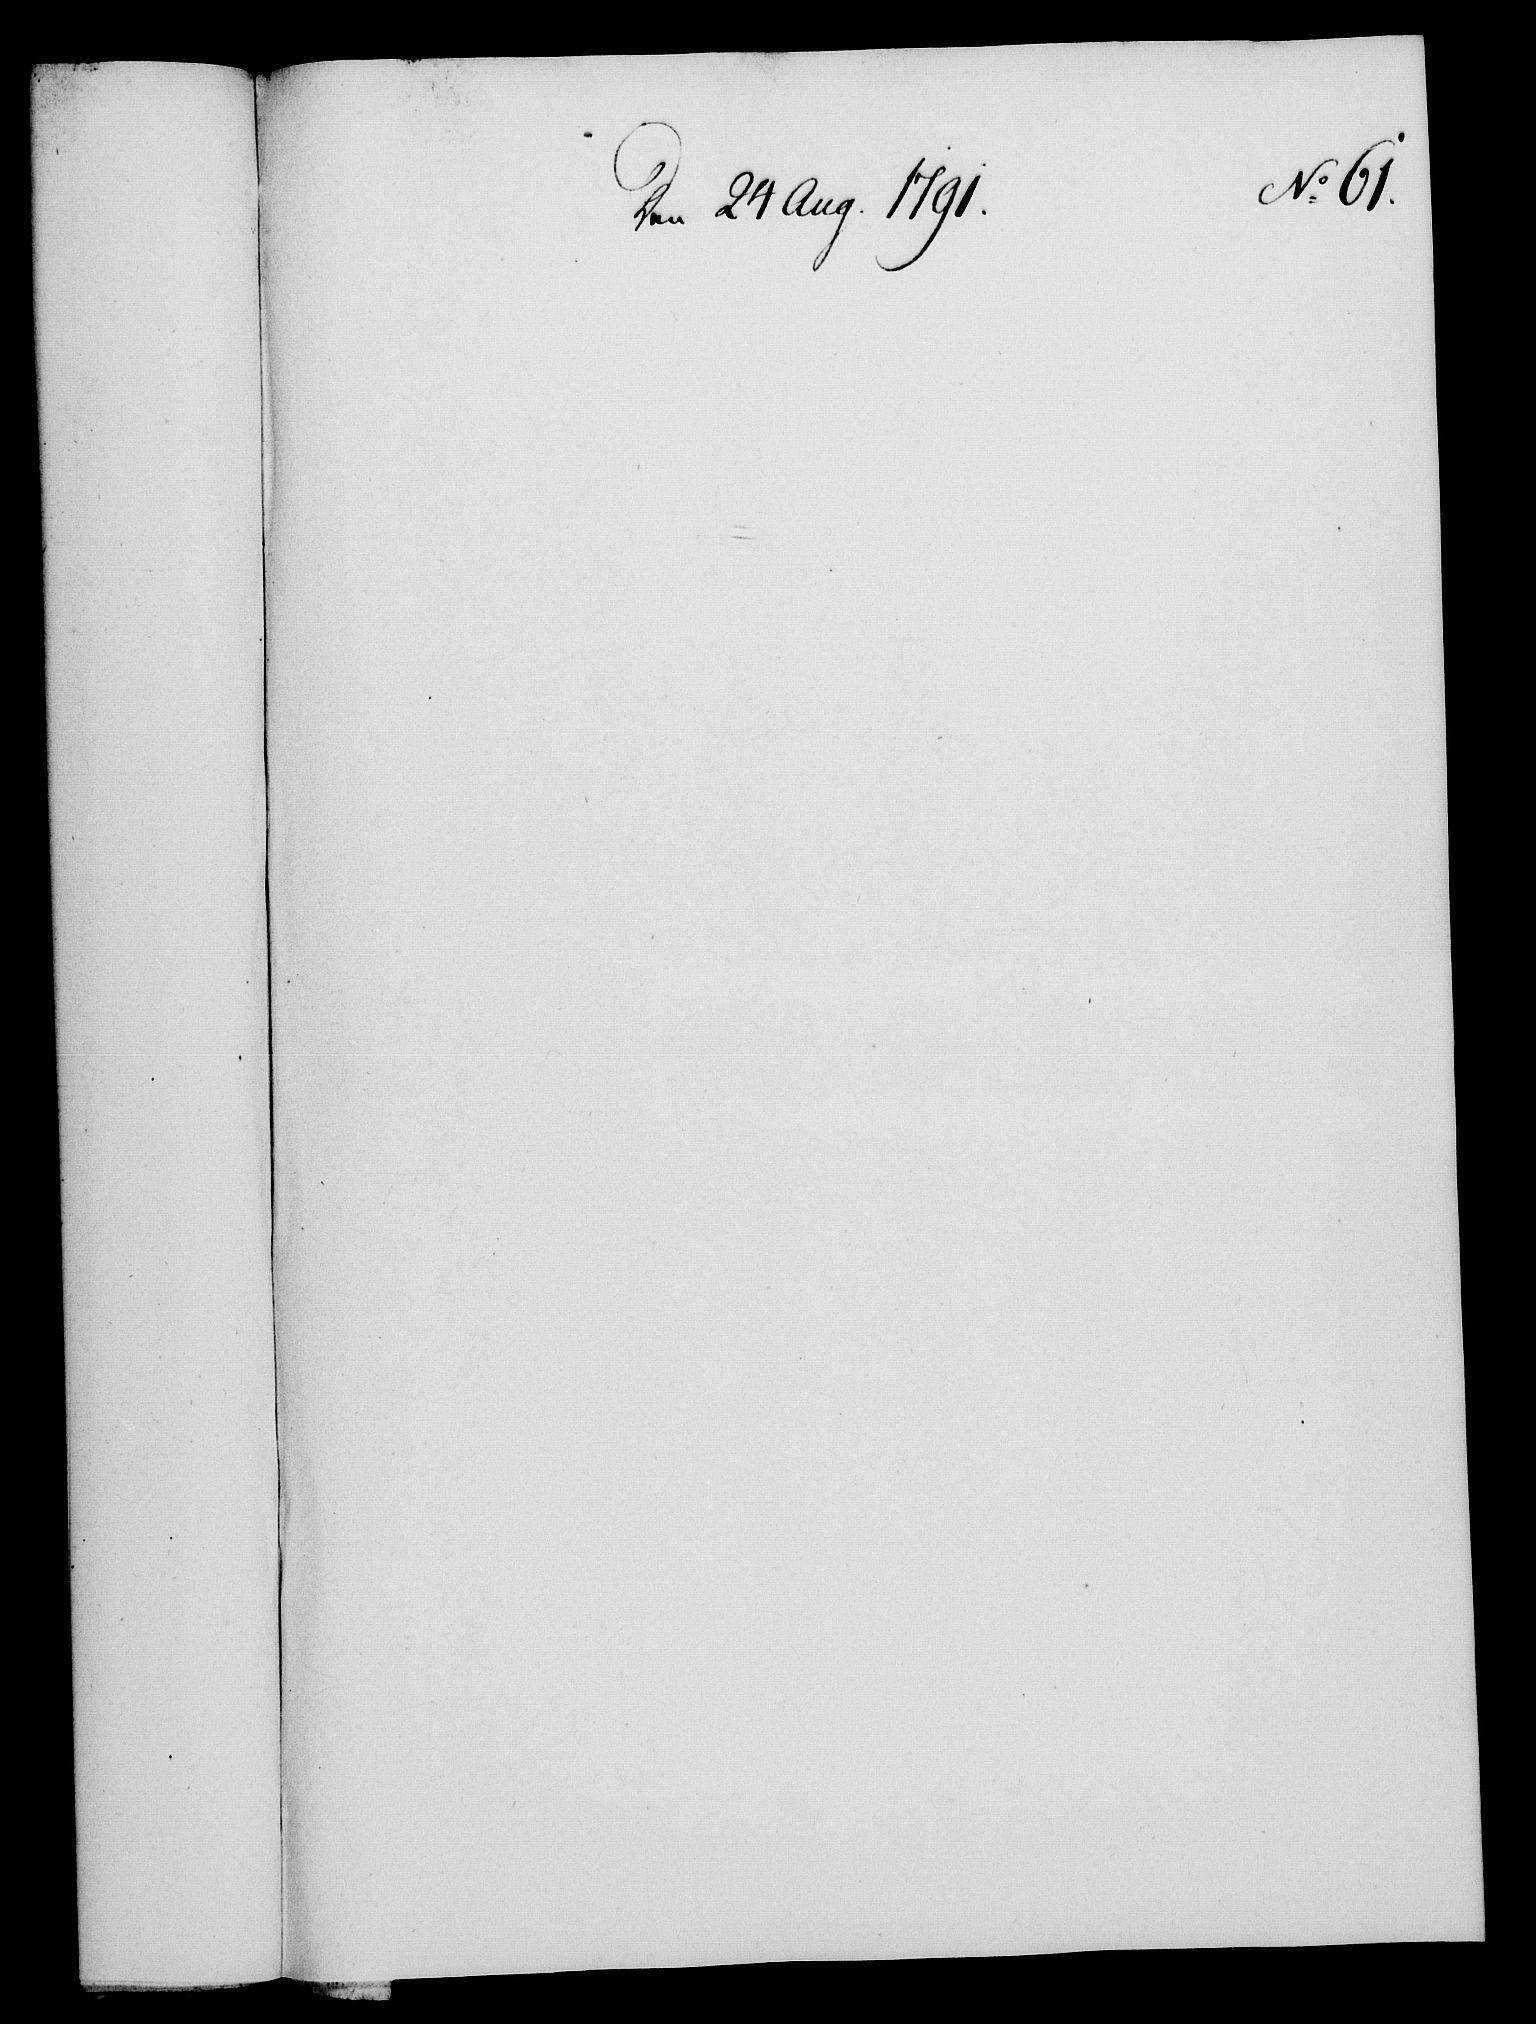 RA, Rentekammeret, Kammerkanselliet, G/Gf/Gfa/L0073: Norsk relasjons- og resolusjonsprotokoll (merket RK 52.73), 1791, s. 338